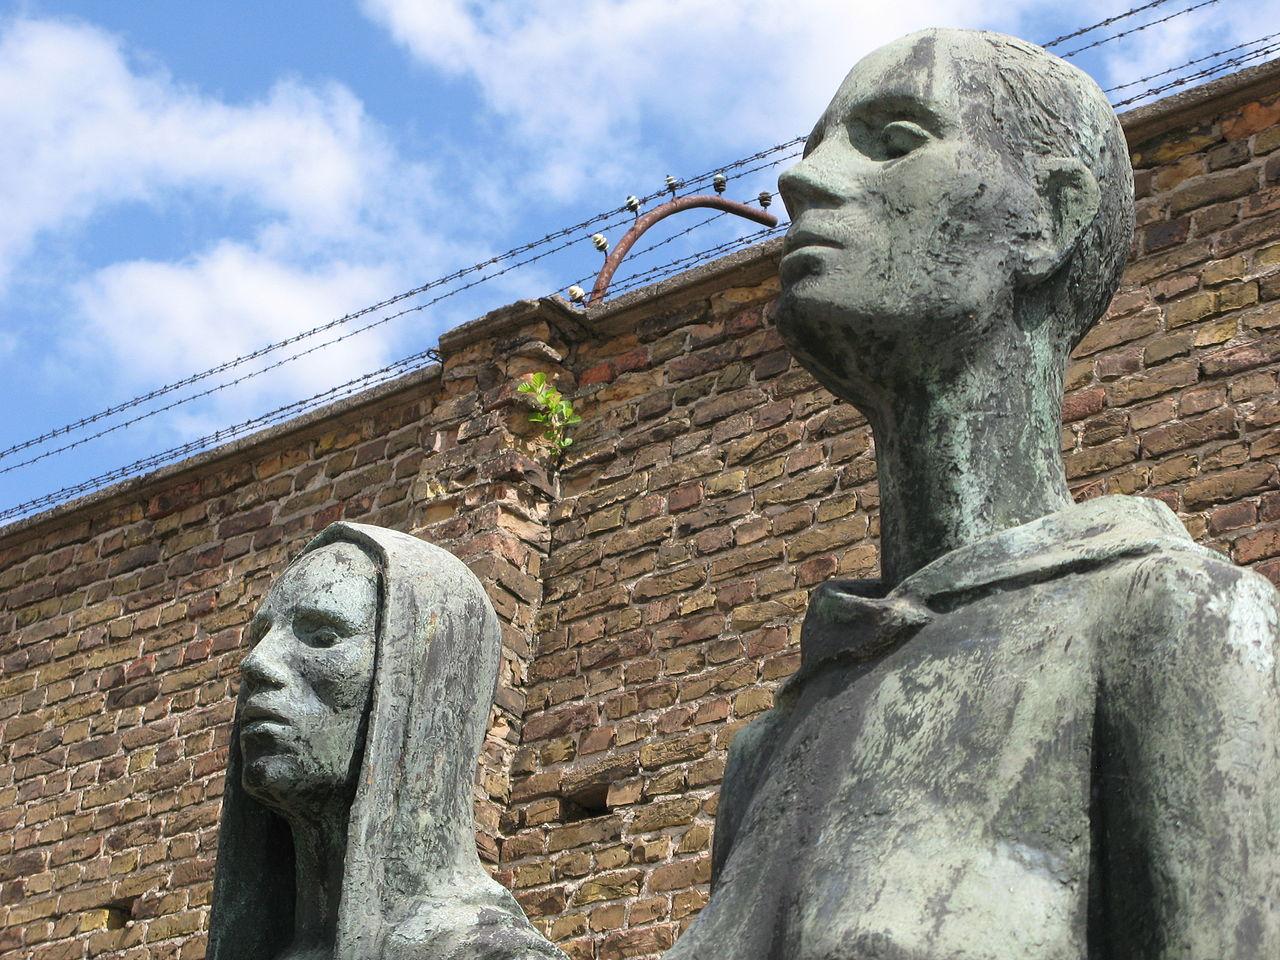 Bronzeplastiken vor der ehemaligen Lagermauer in der Mahn- und Gedenkstätte Ravensbrück im ehemaligen KZ Ravensbrück, Deutschland, Nina Volare